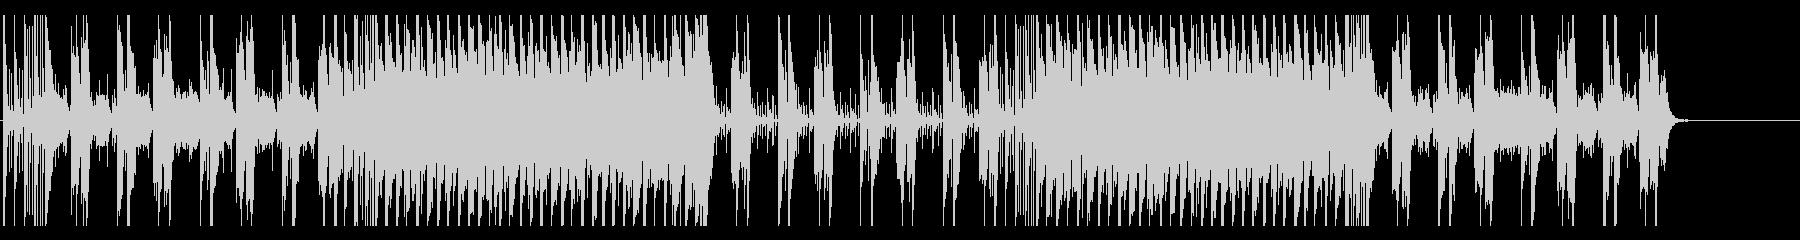 明るい印象のポップスBGMの未再生の波形